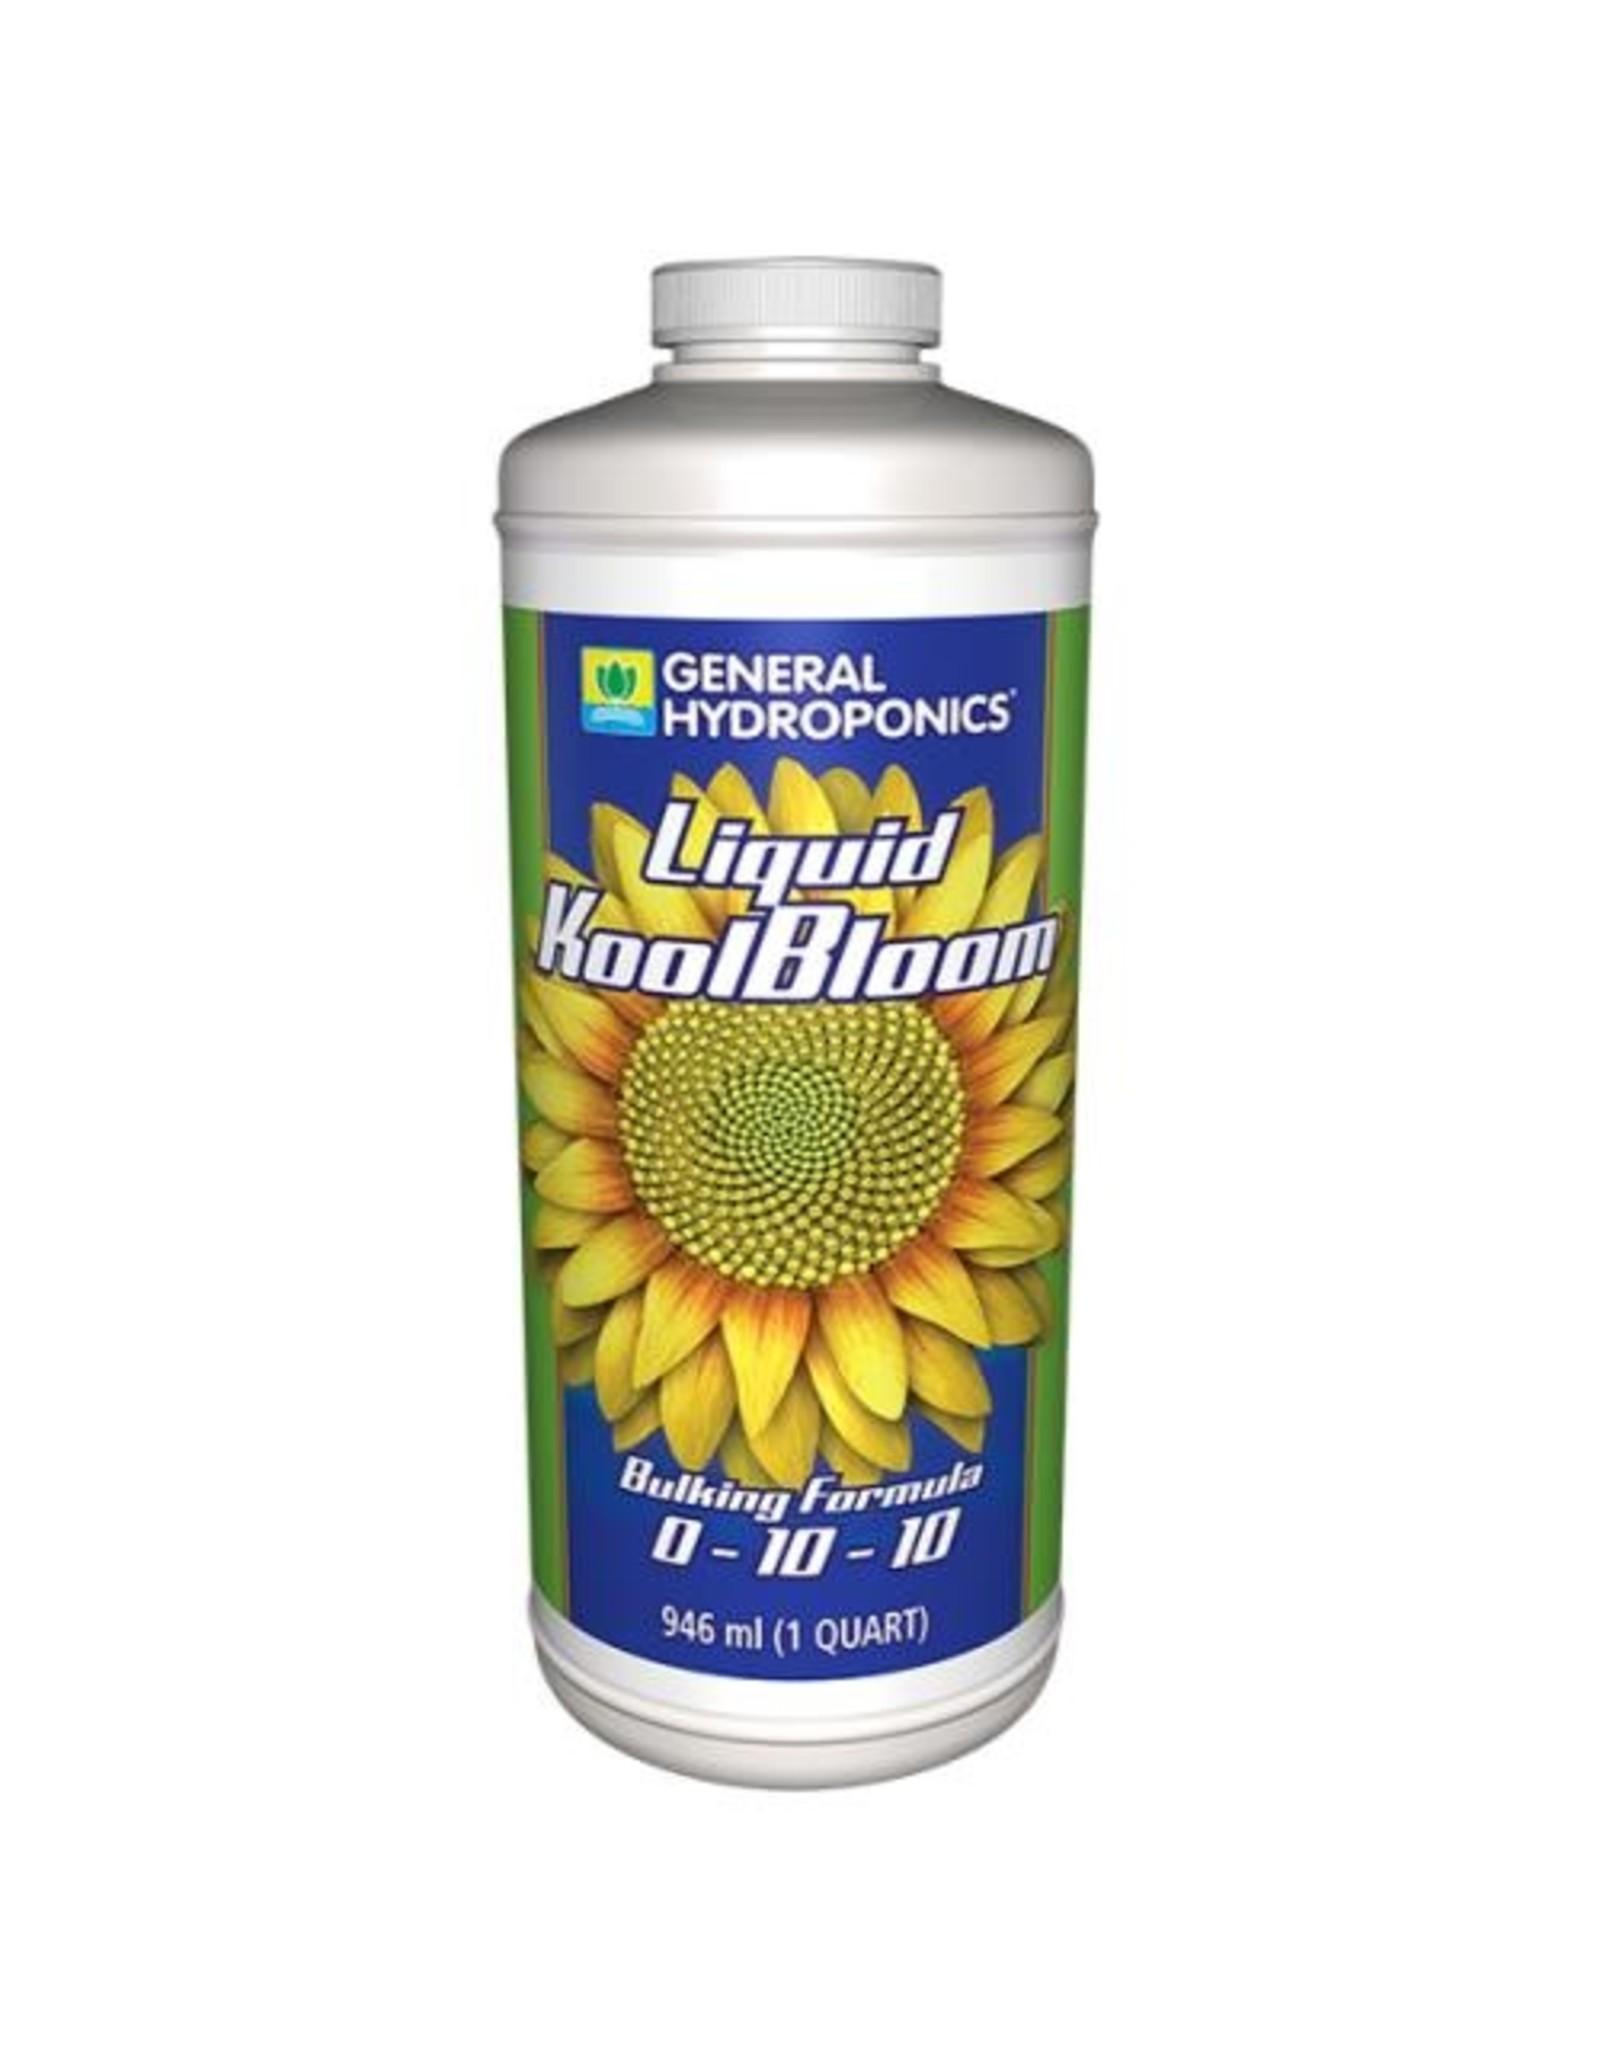 General Hydroponics GH Koolbloom Liquid qt